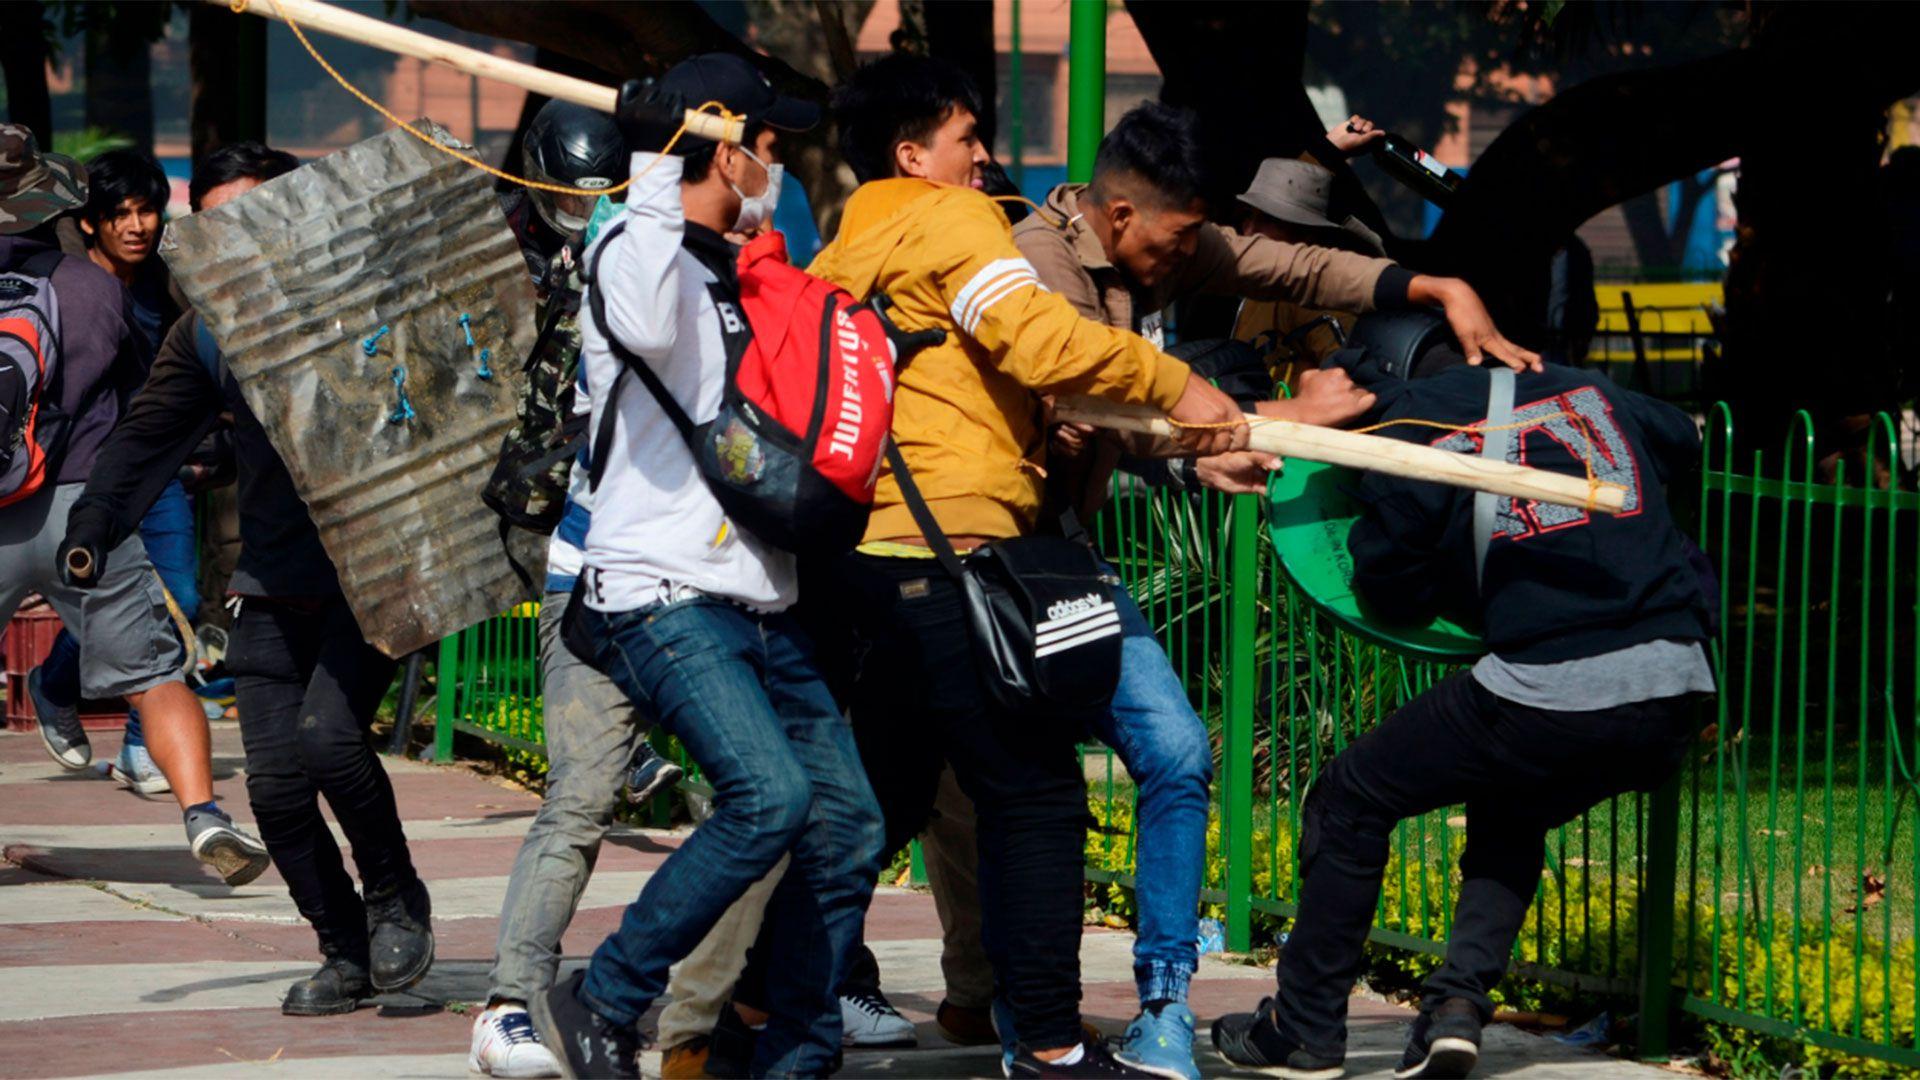 Cultivadores de coca, simpatizantes de Evo Morales, golpean a un manifestante opositor en una plaza de Cochabamba (Reuters)